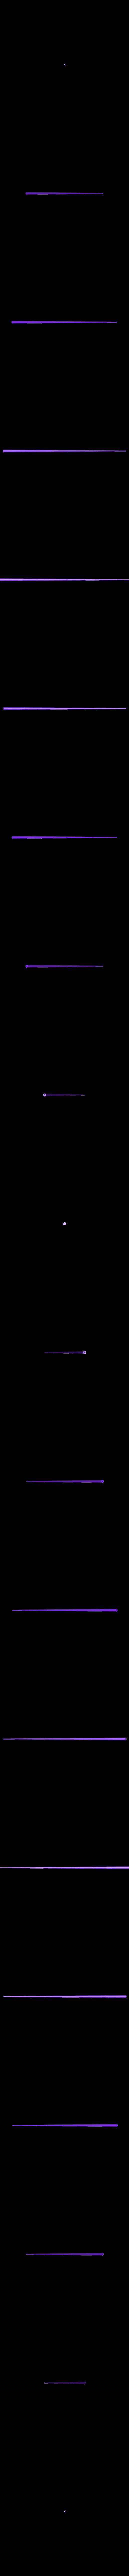 BatonShaft.stl Télécharger fichier STL gratuit Conduire Baton • Objet pour imprimante 3D, Digitang3D